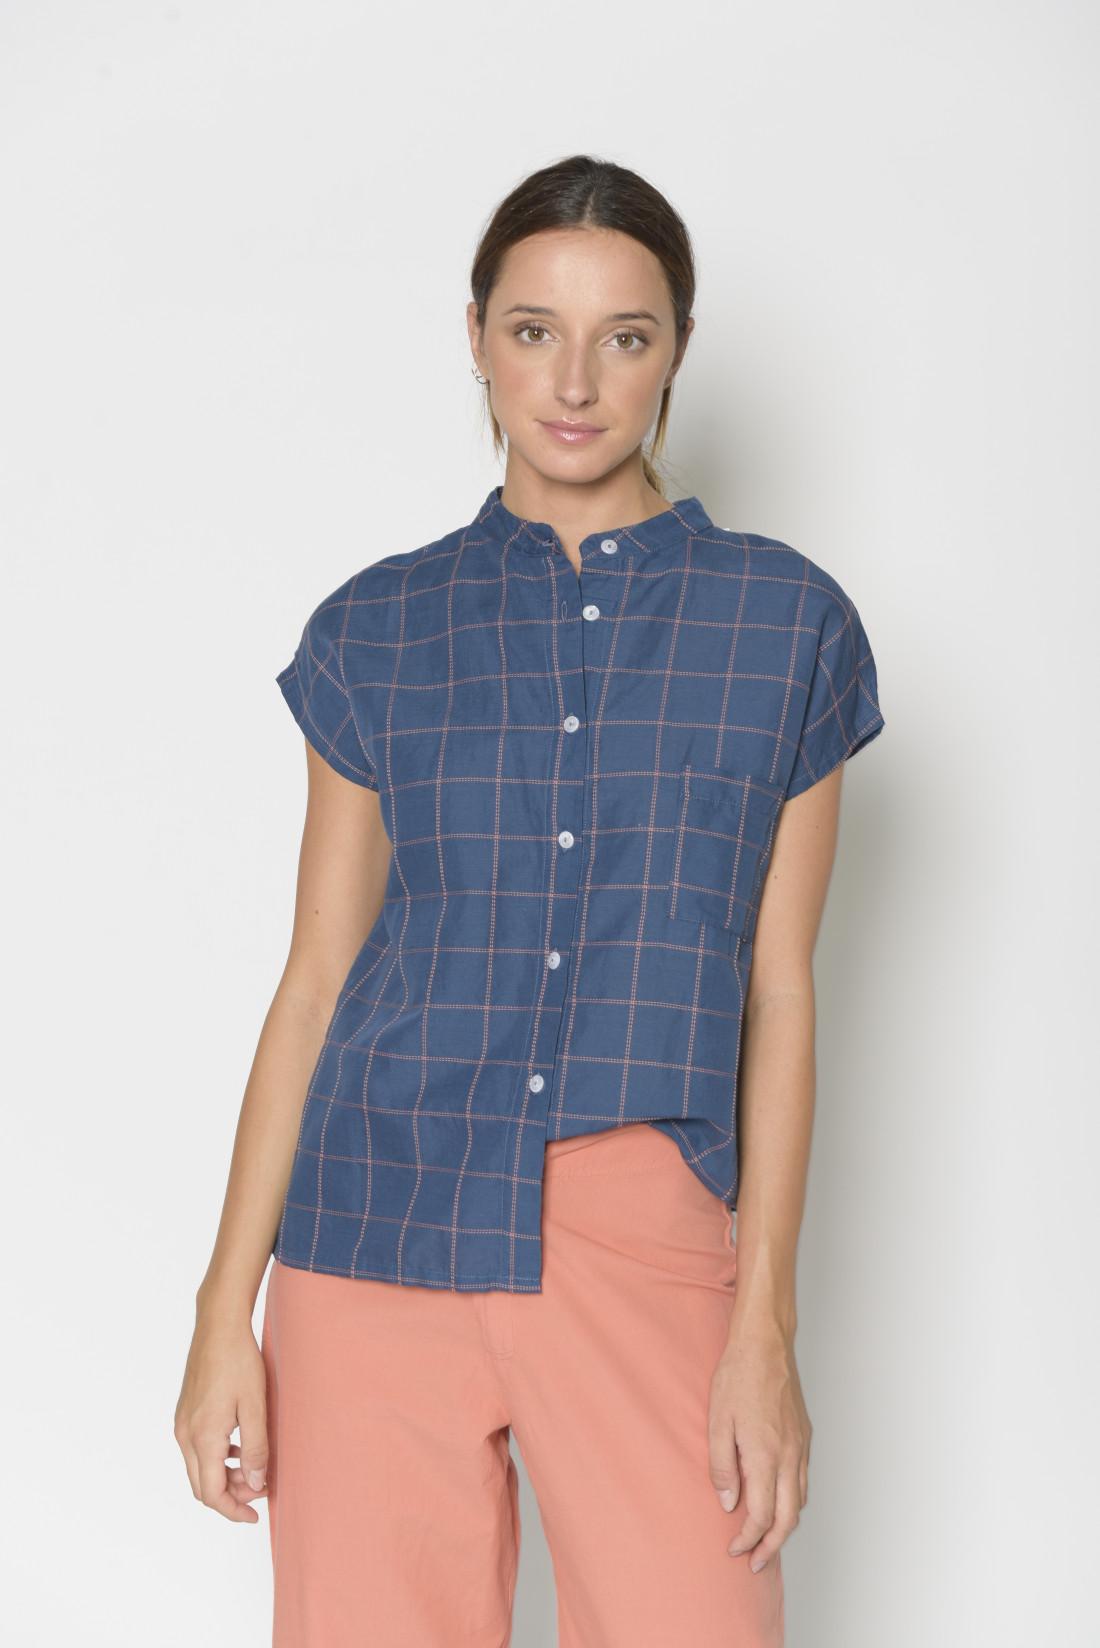 Camisa fondo azul, cuello mao, manga caída, cierre delantero con botones, 53% lino, 47% algodón